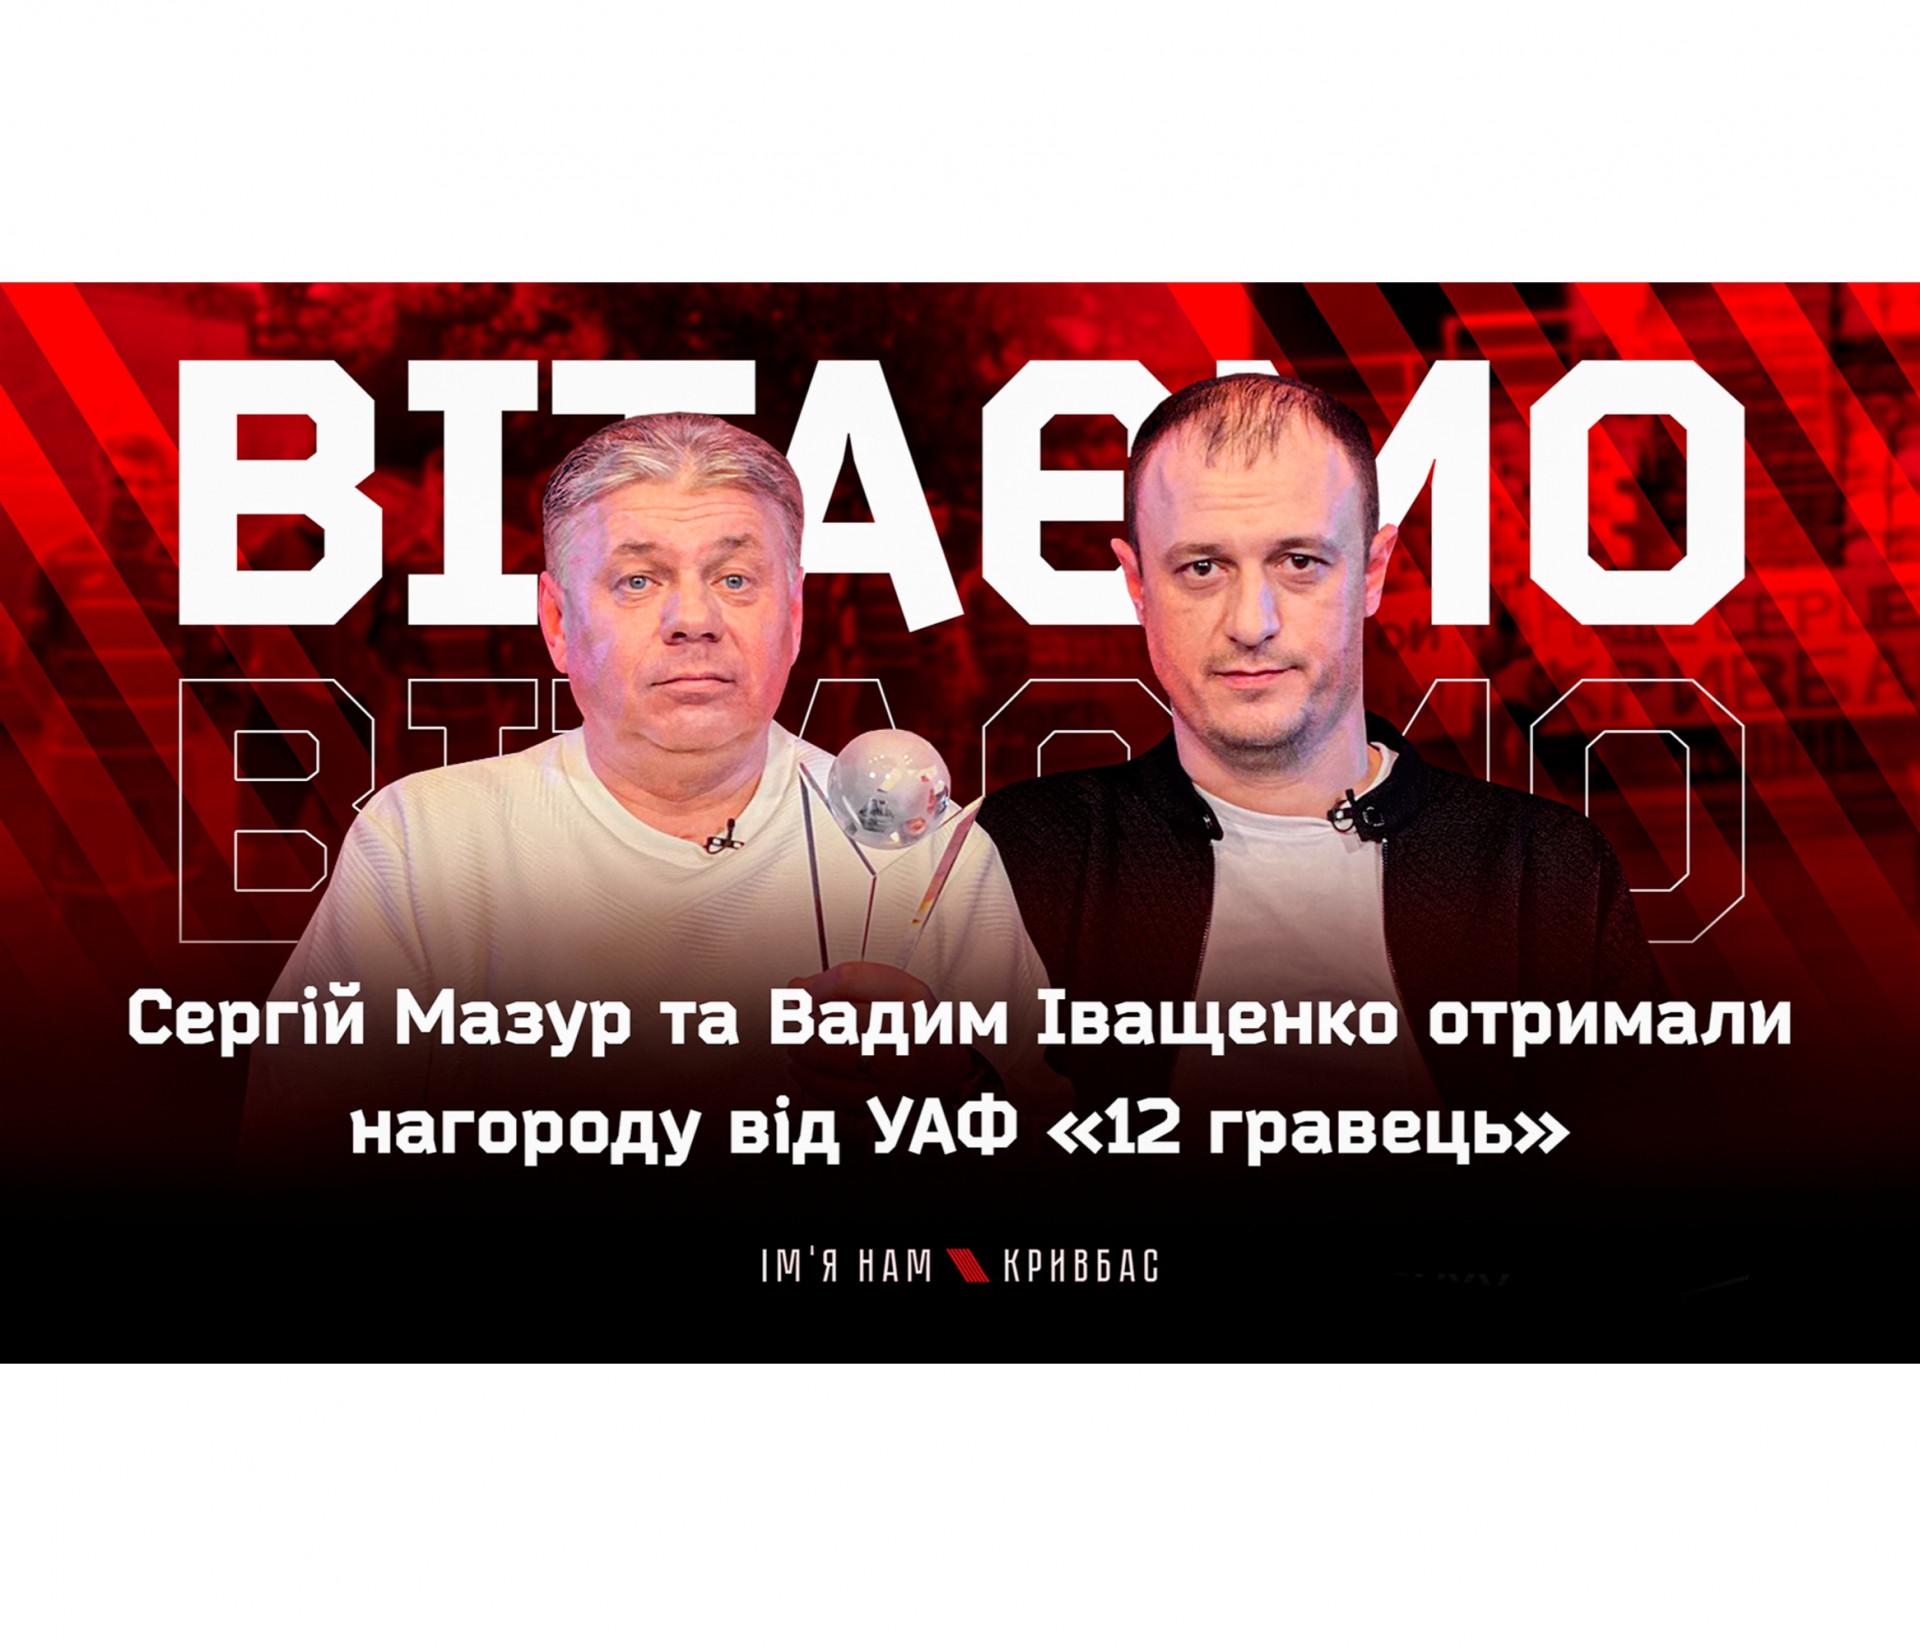 """Вболівальники ФК """"Кривбас"""" отримали спеціальну відзнаку УАФ}"""